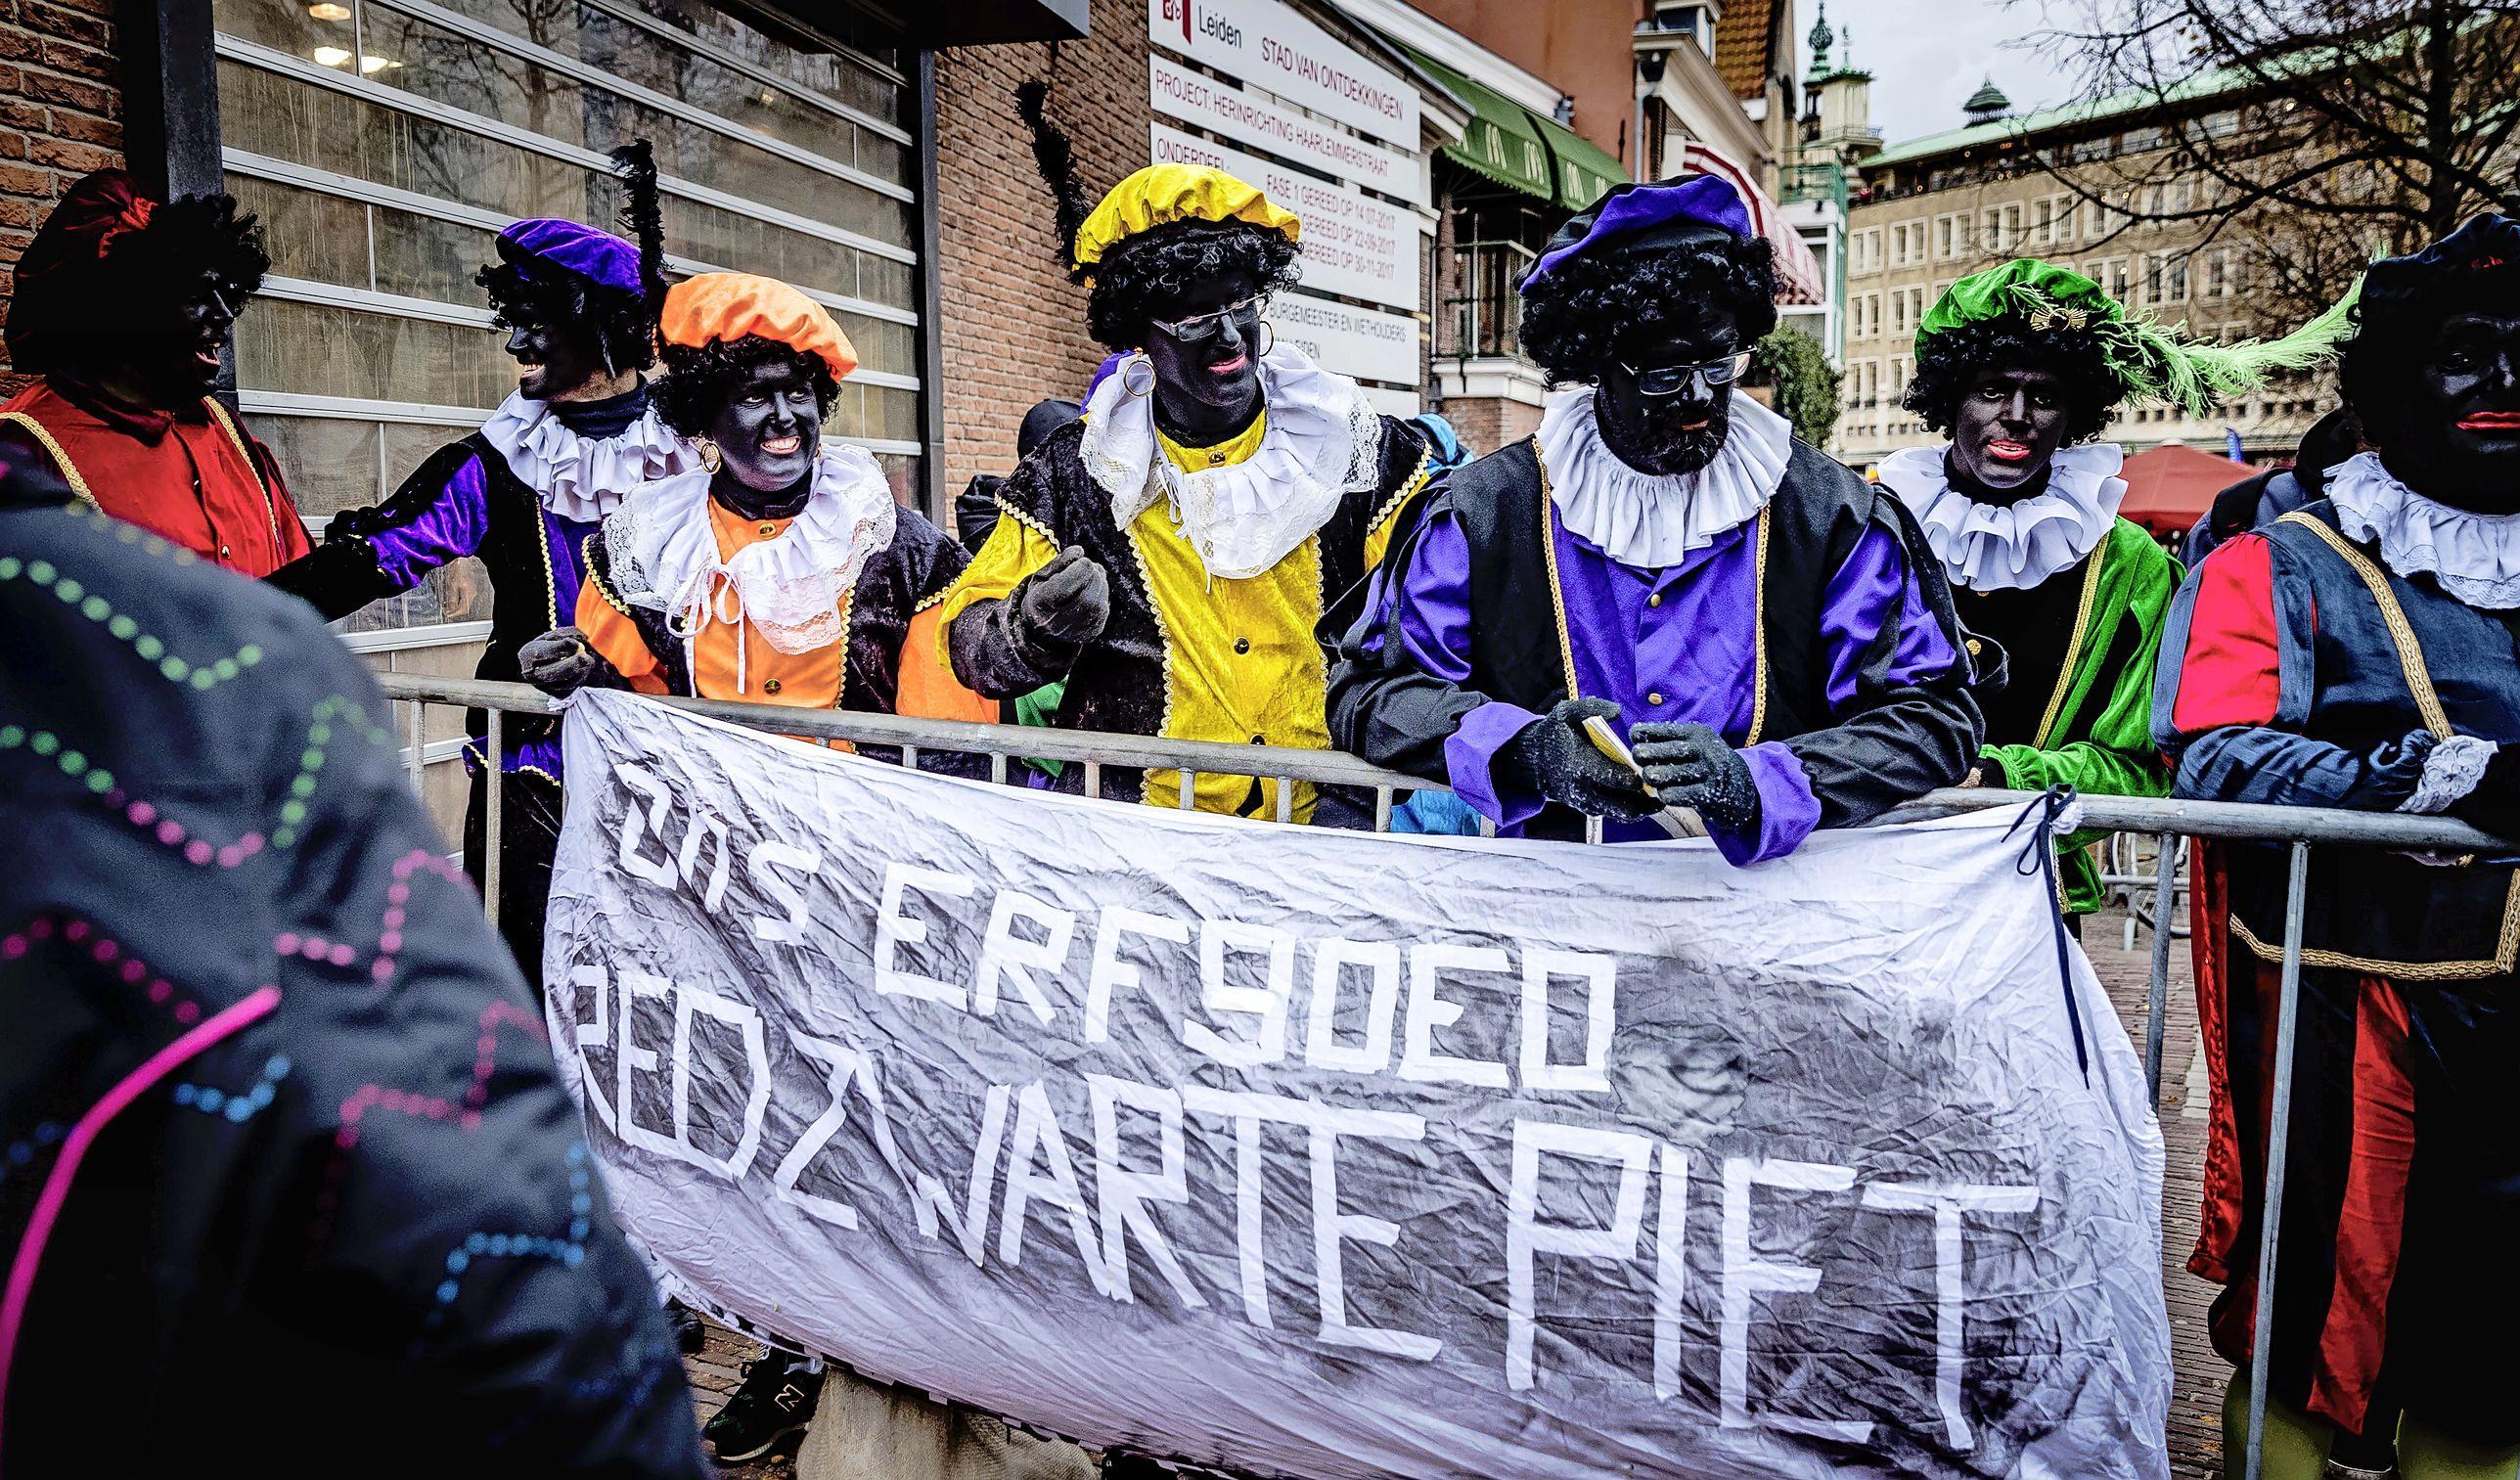 Actiegroepen hebben gemengde gevoelens bij Leidse zwarte-piet-motie